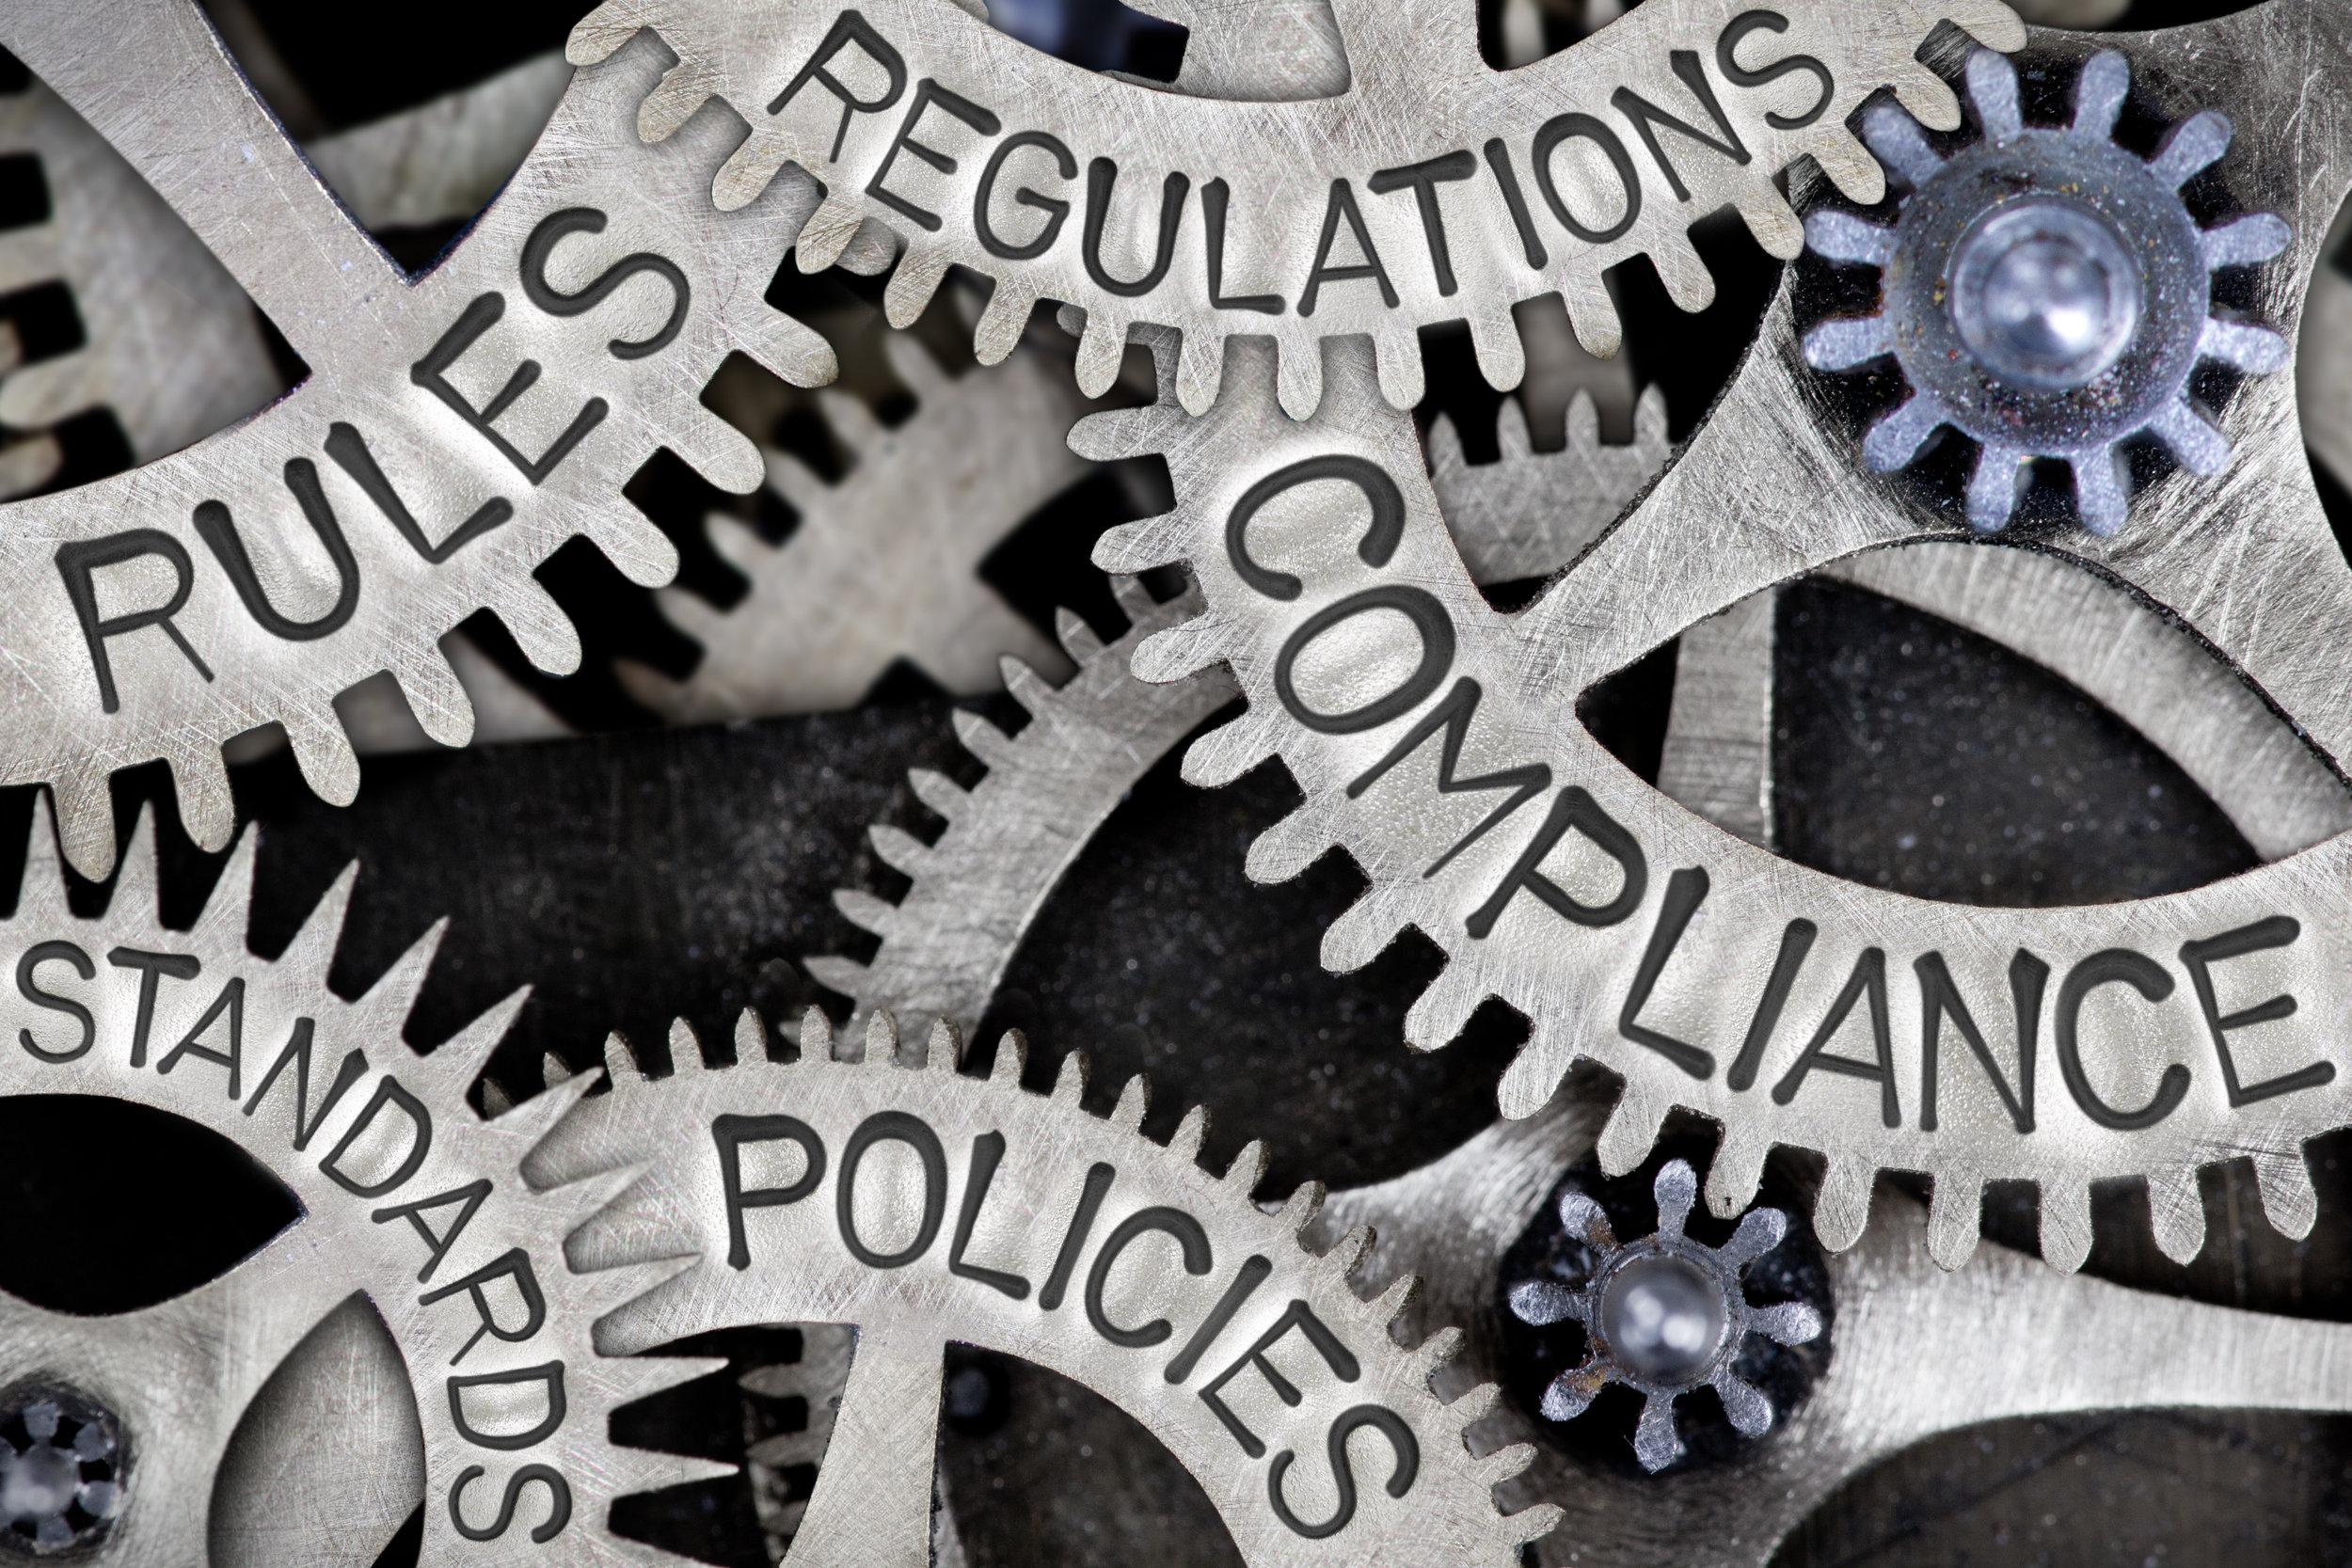 Standards-Policies-Rules_Gears.jpg